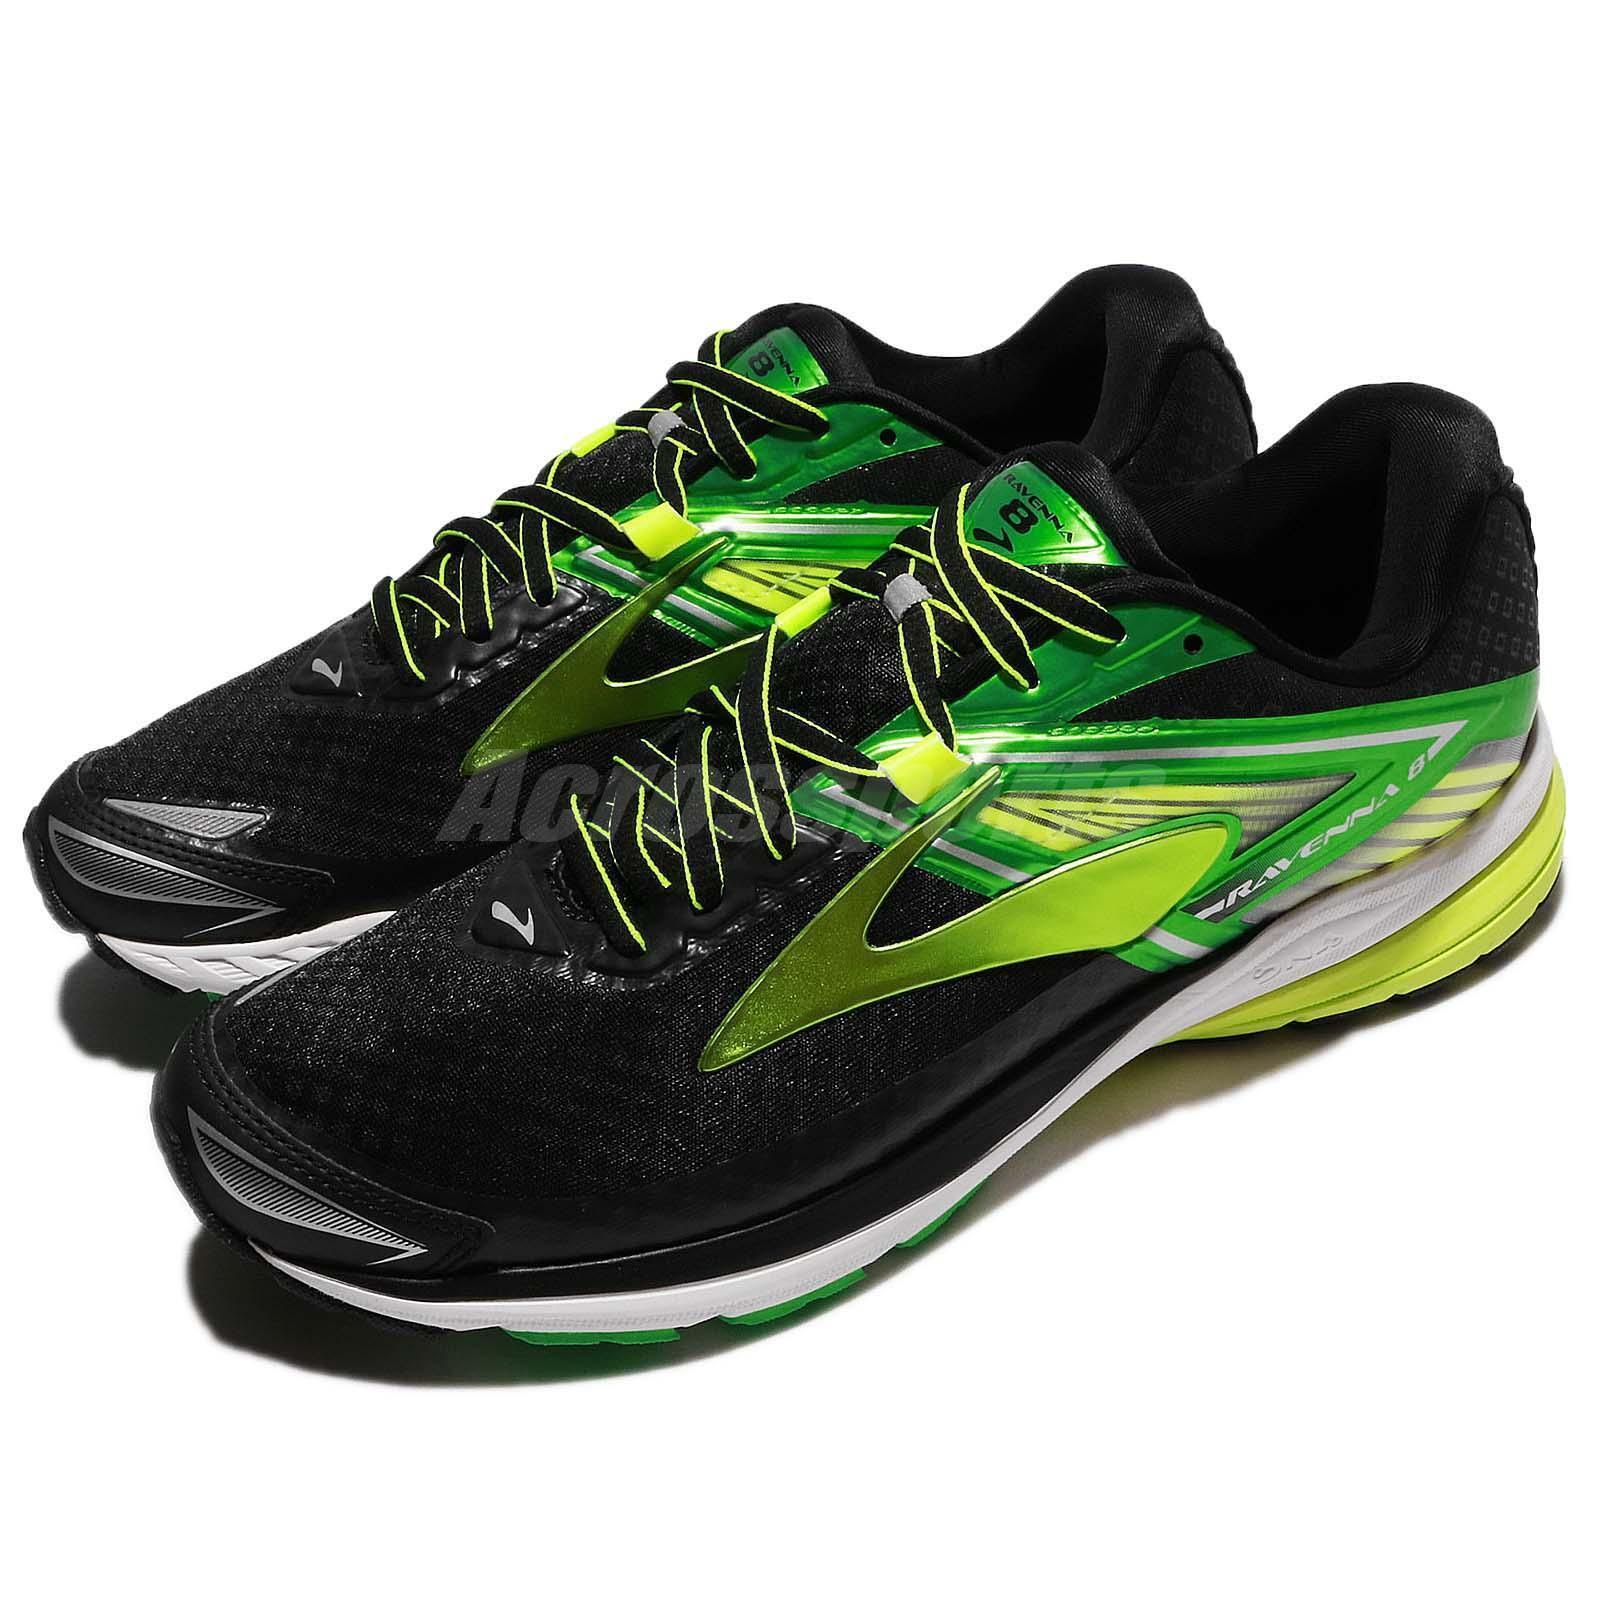 Brooks Ravenna 8  VIII Negro verde Nightlife Hombres Corriendo Zapatos TENIS 110248 1D  ahorrar en el despacho